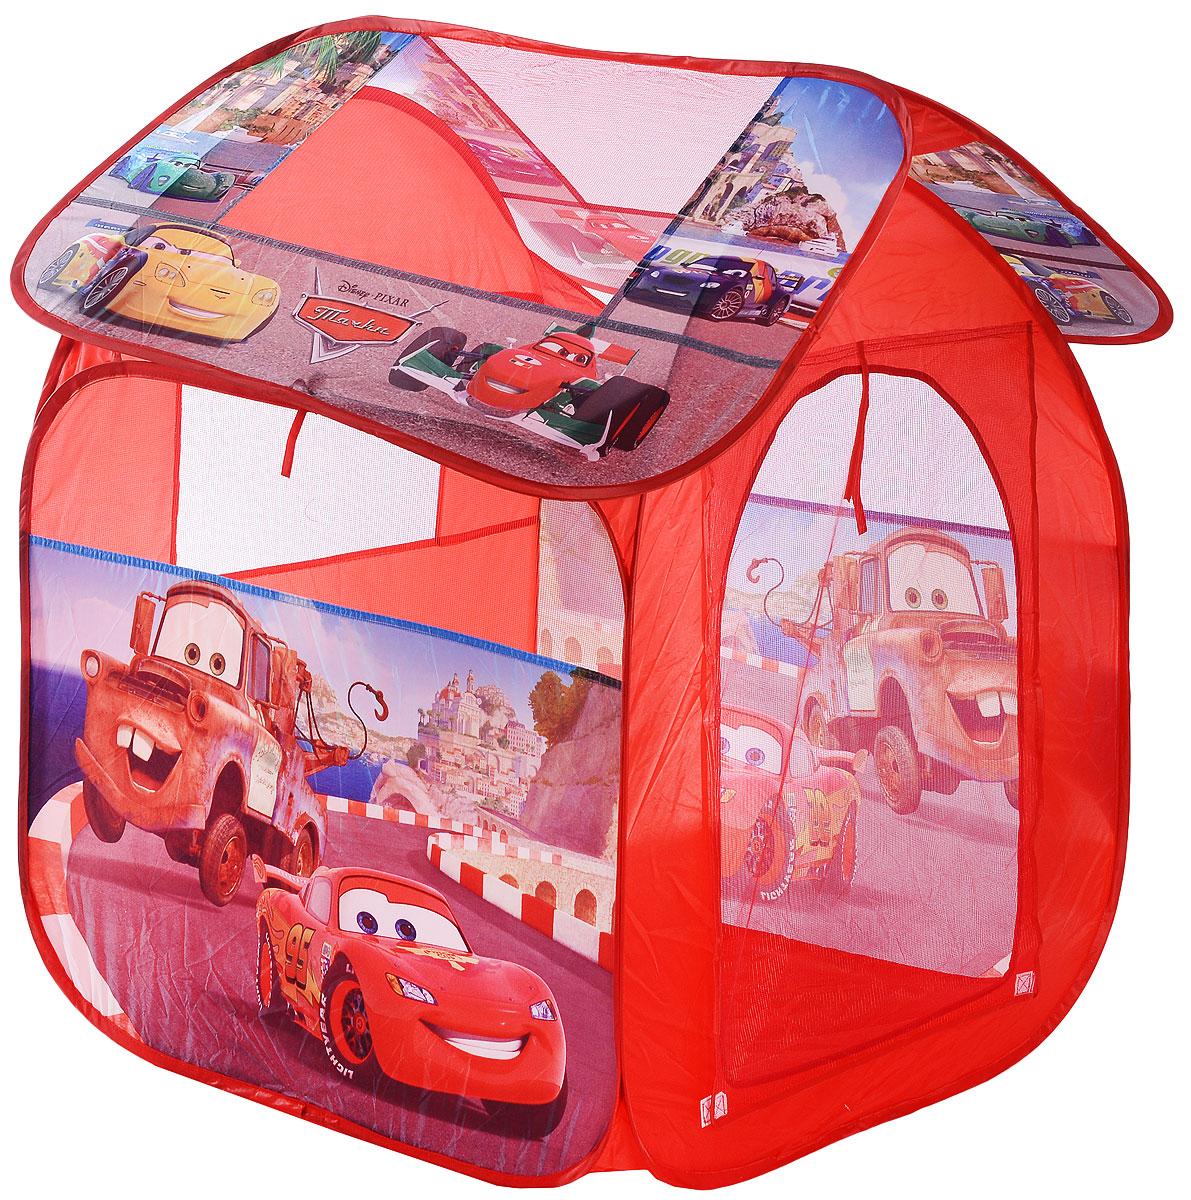 Играем вместе Детская игровая палатка Тачки 83 х 80 х 105 см GFA-SCARS-R